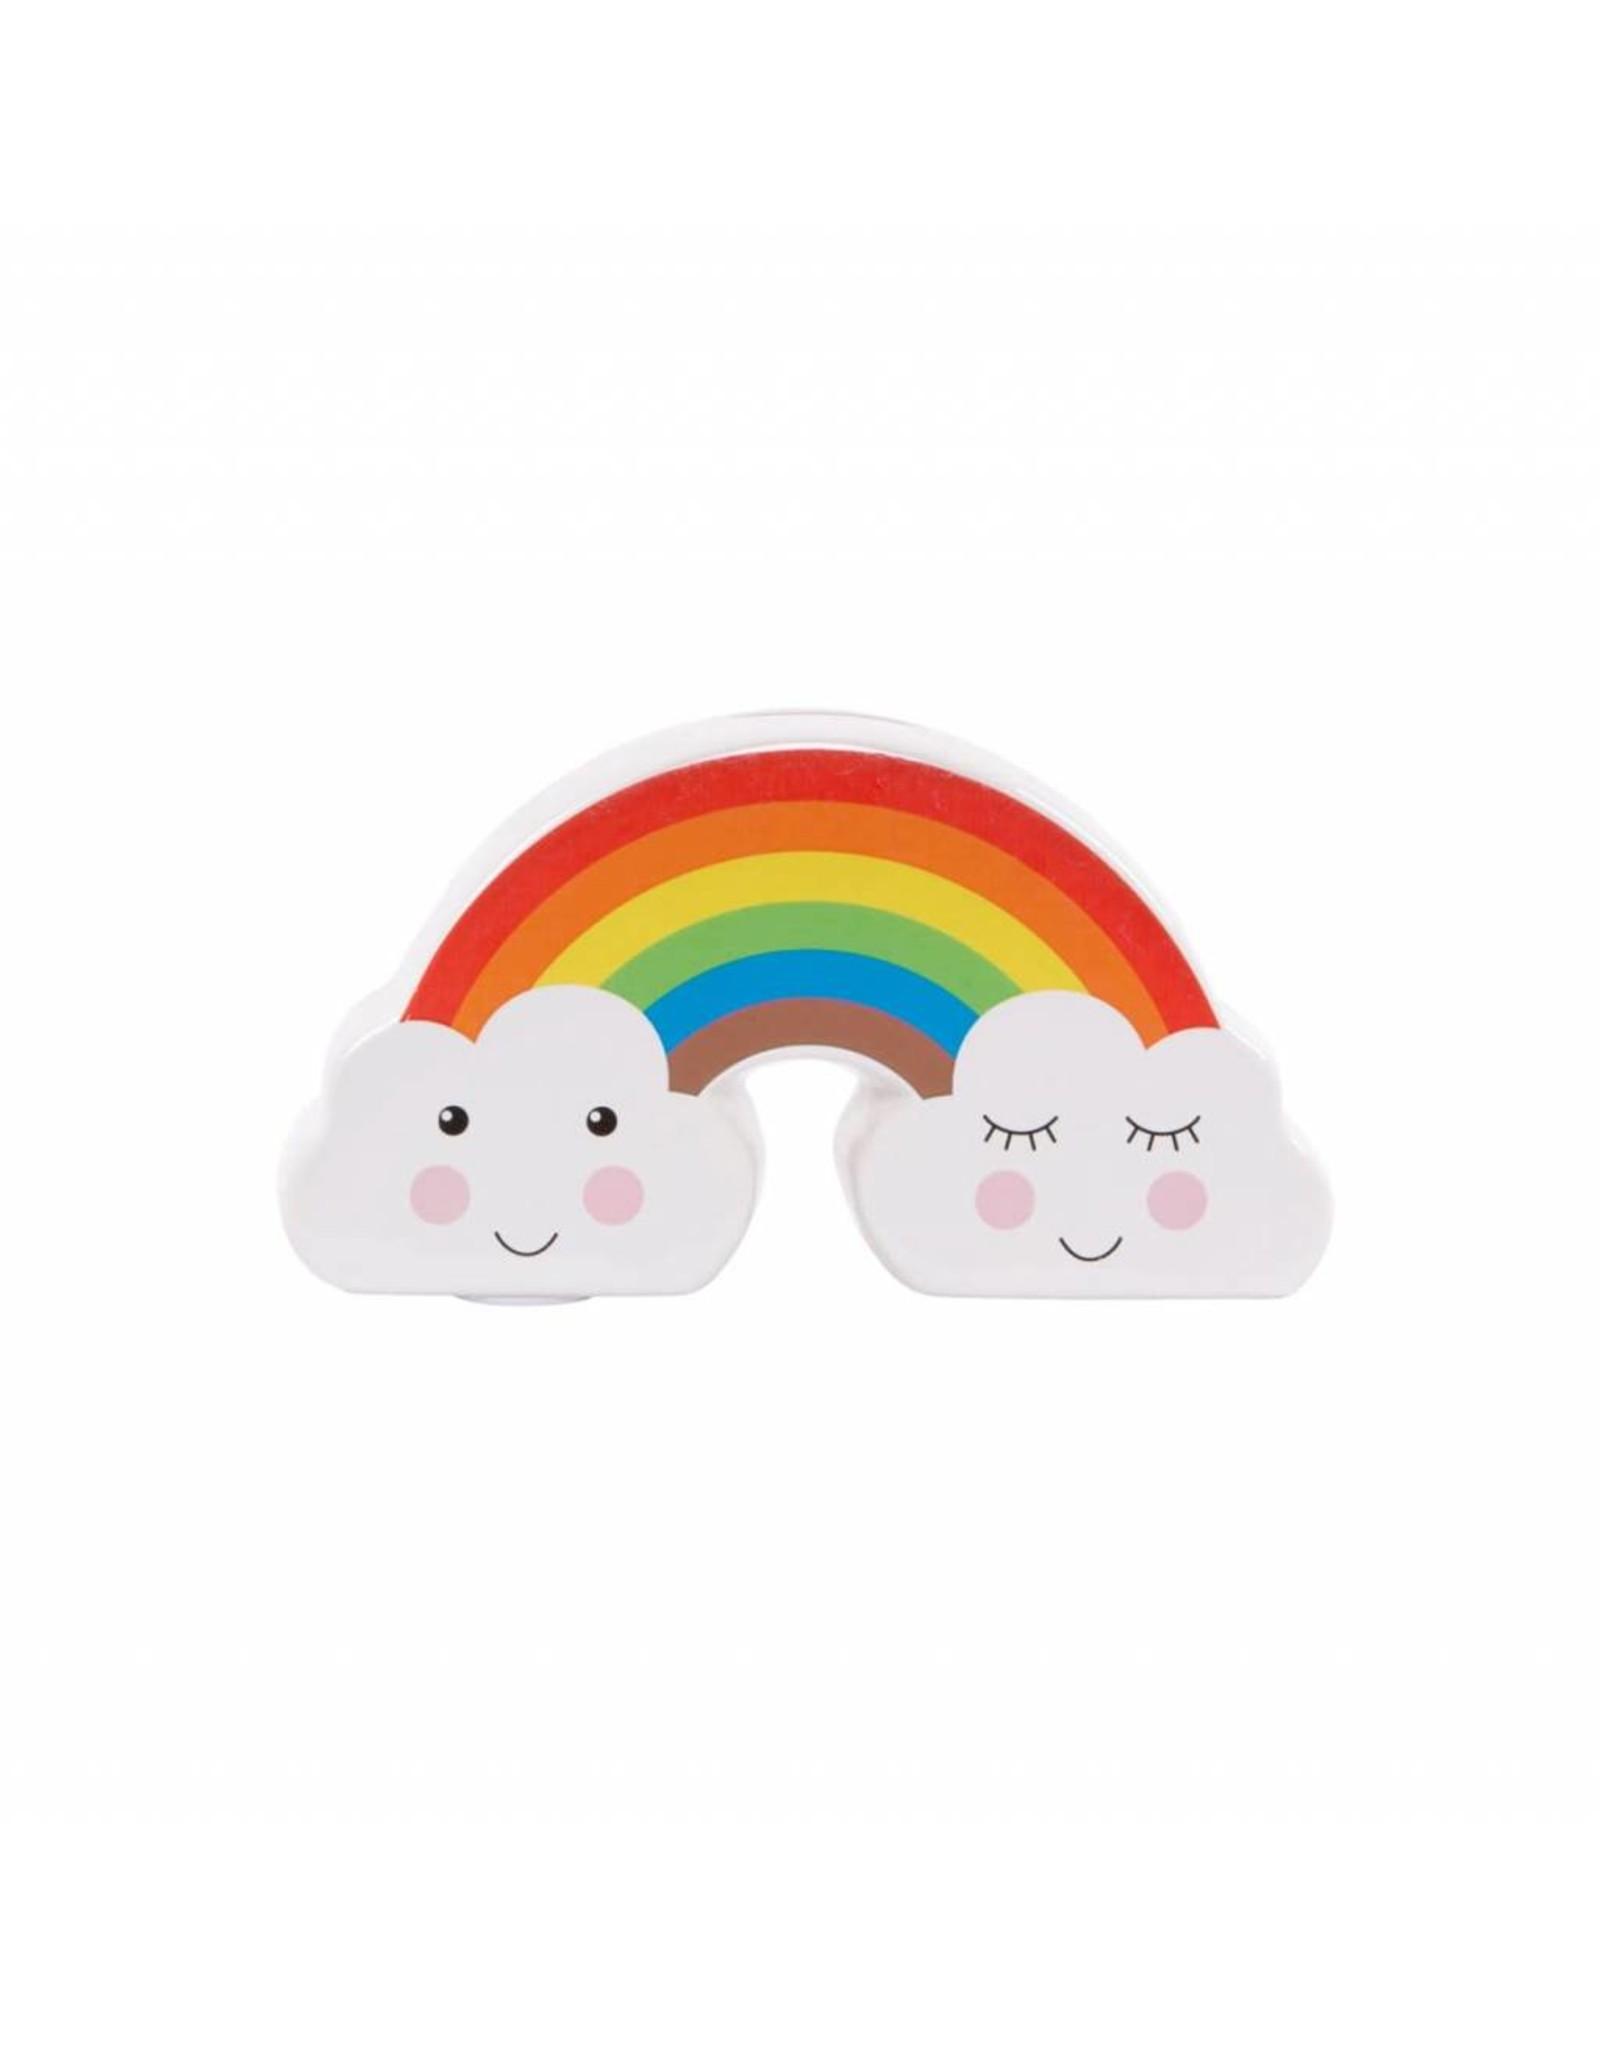 SASS & BELLE Rainbow Money Box